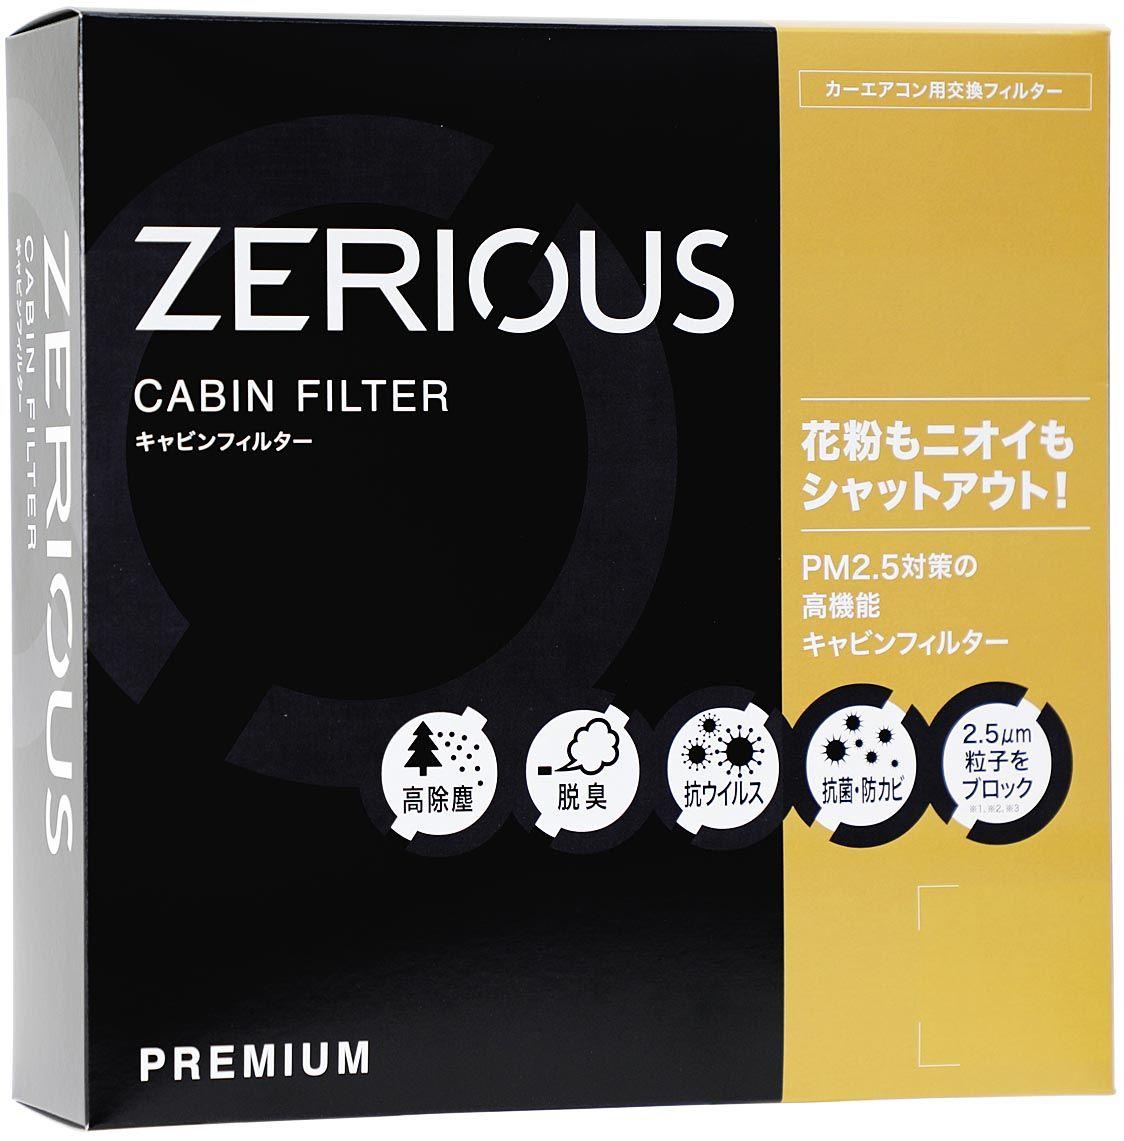 出光子会社のアポロリンク、カーケア商品の新ブランド「ゼリオズ」 バッテリー・ワイパー・フィルターなど